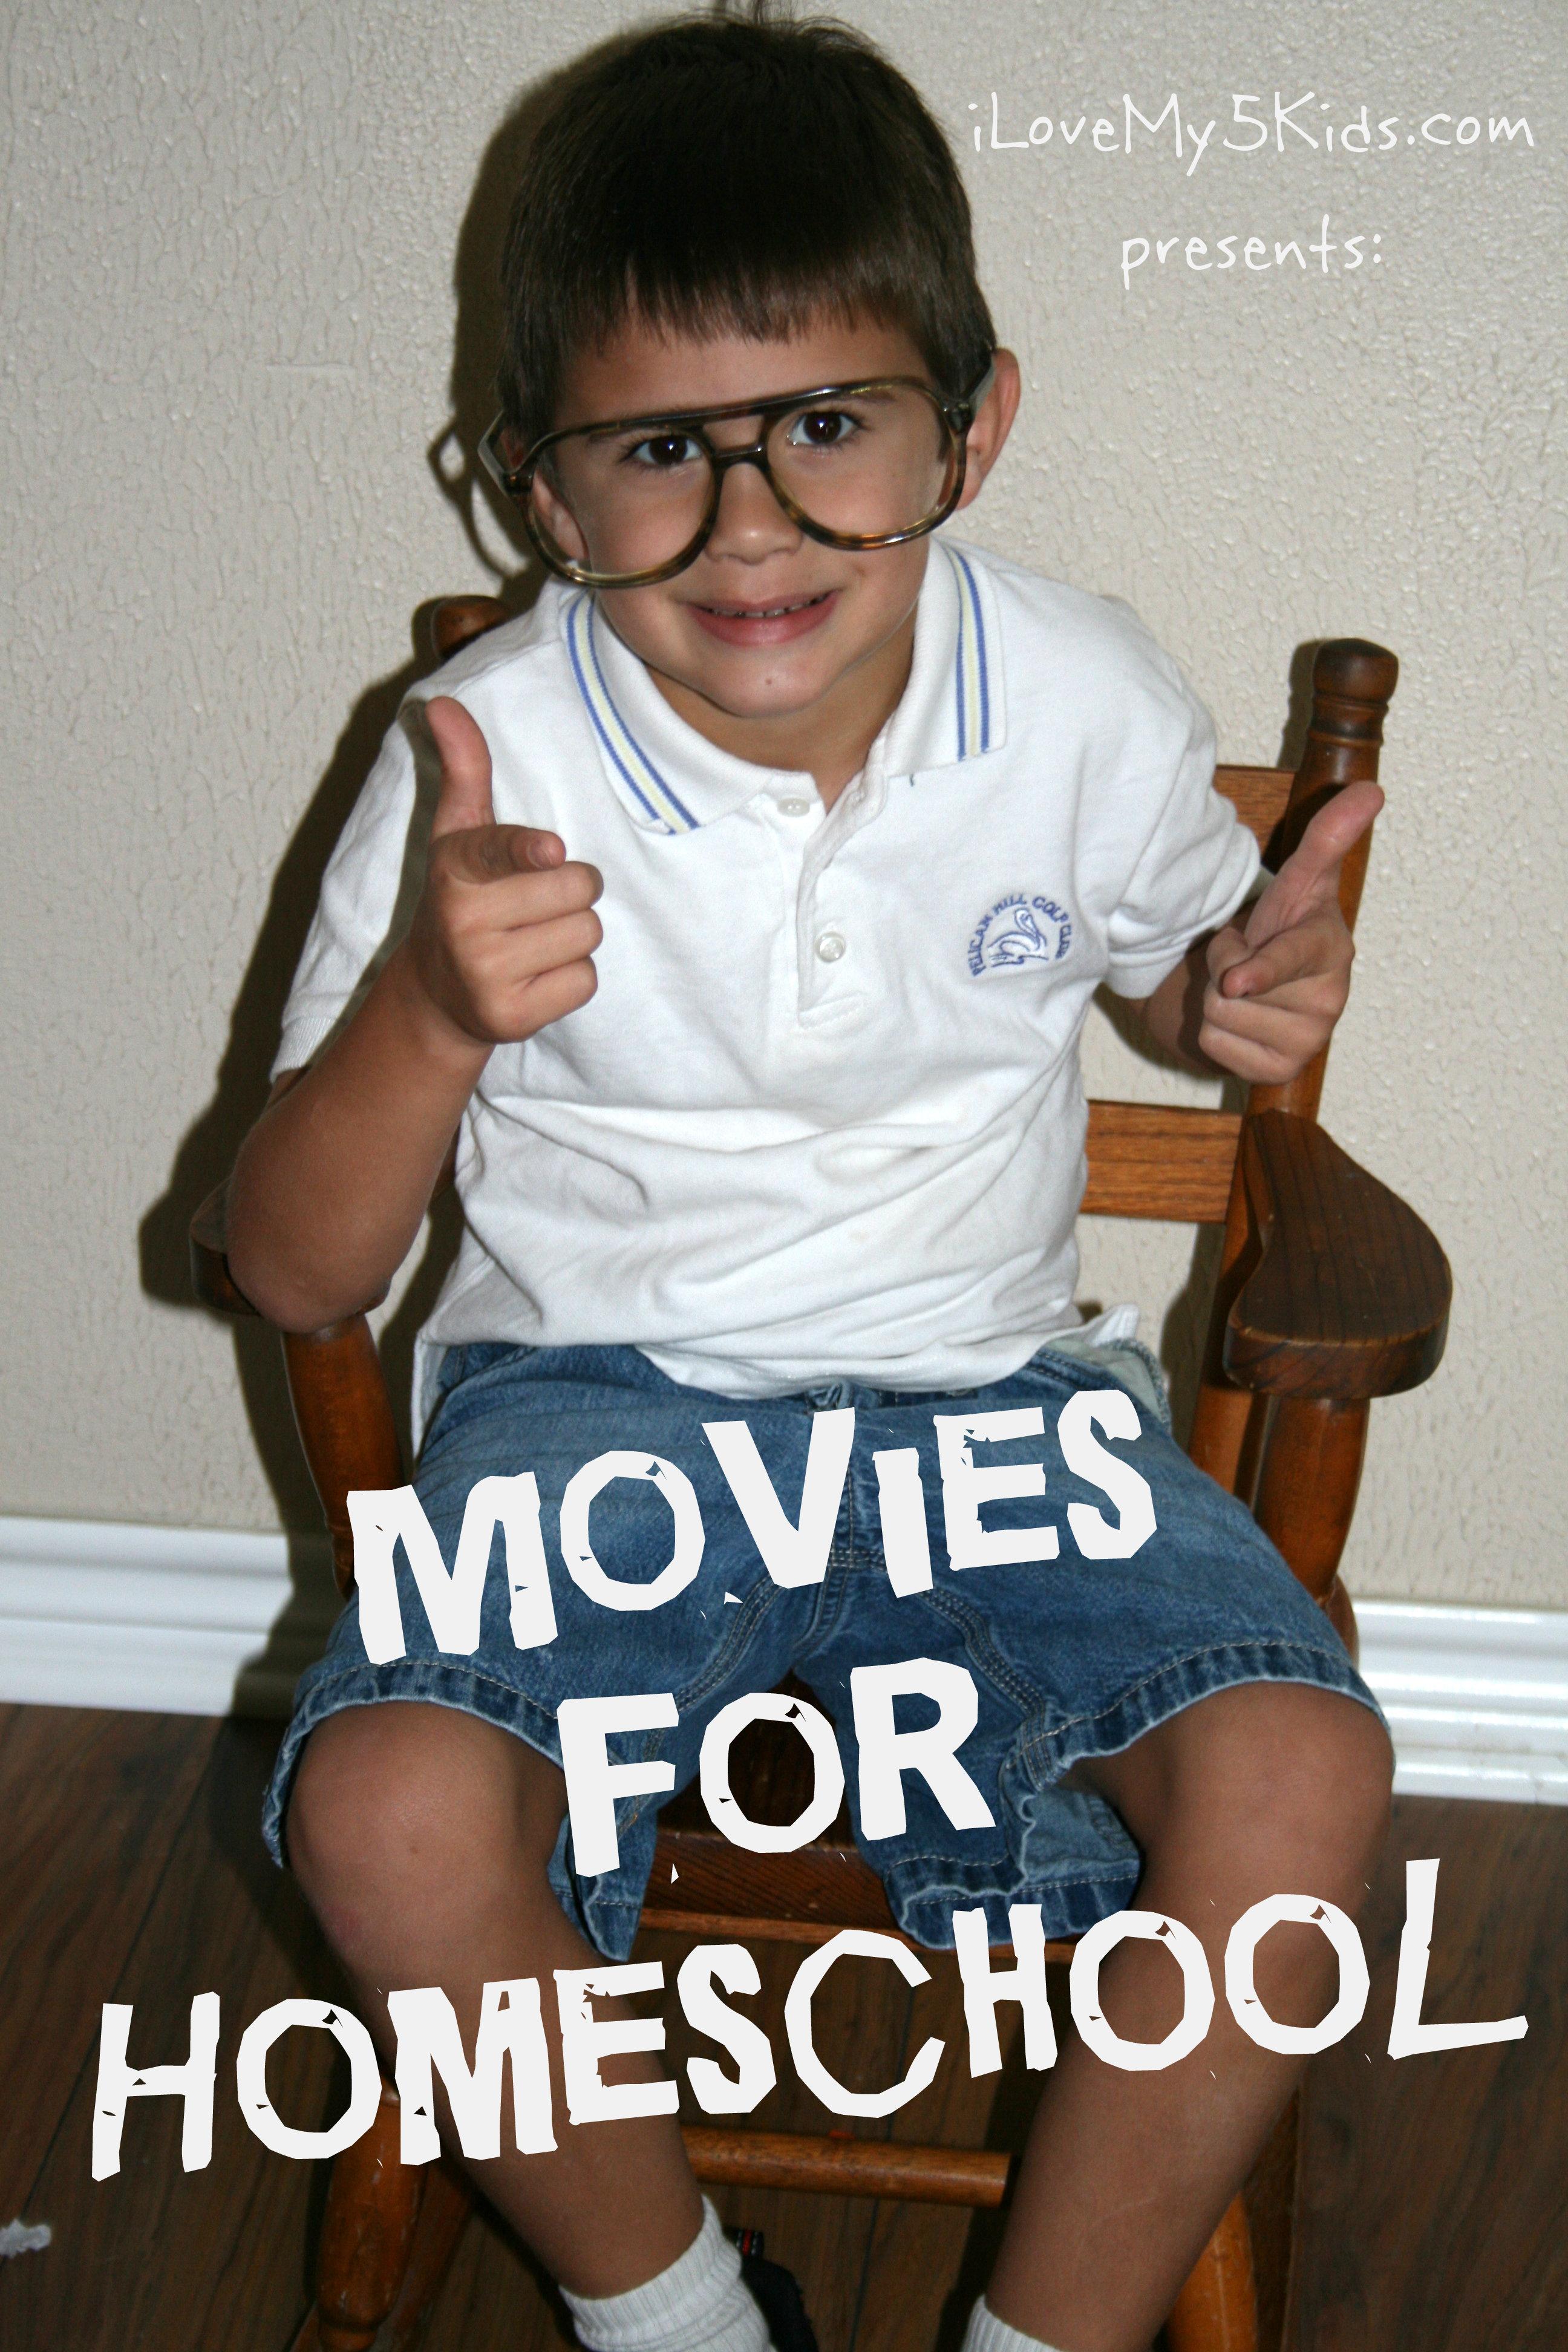 Homeschooling using movies